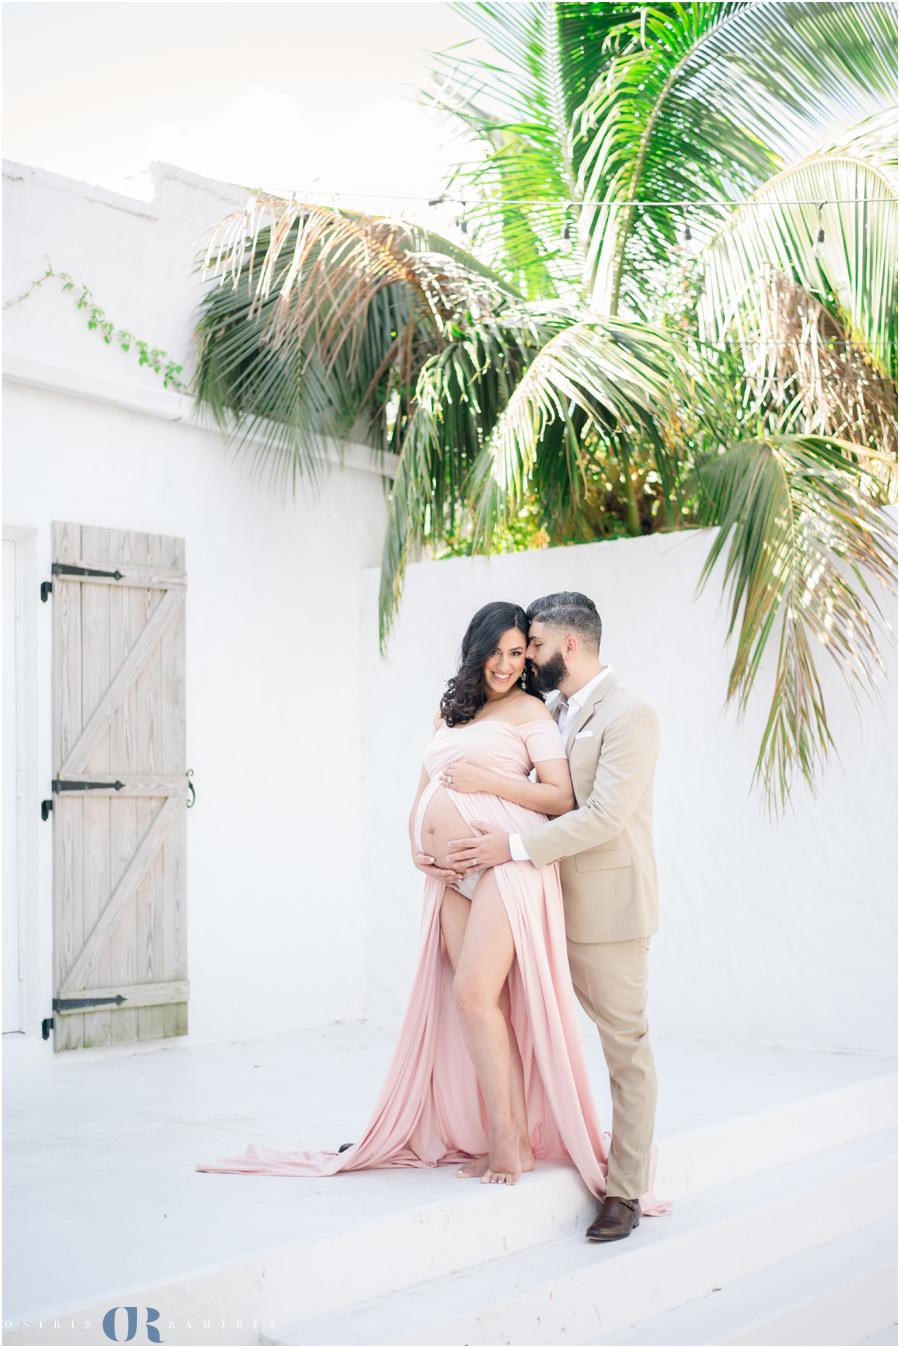 Miami Maternity Photography